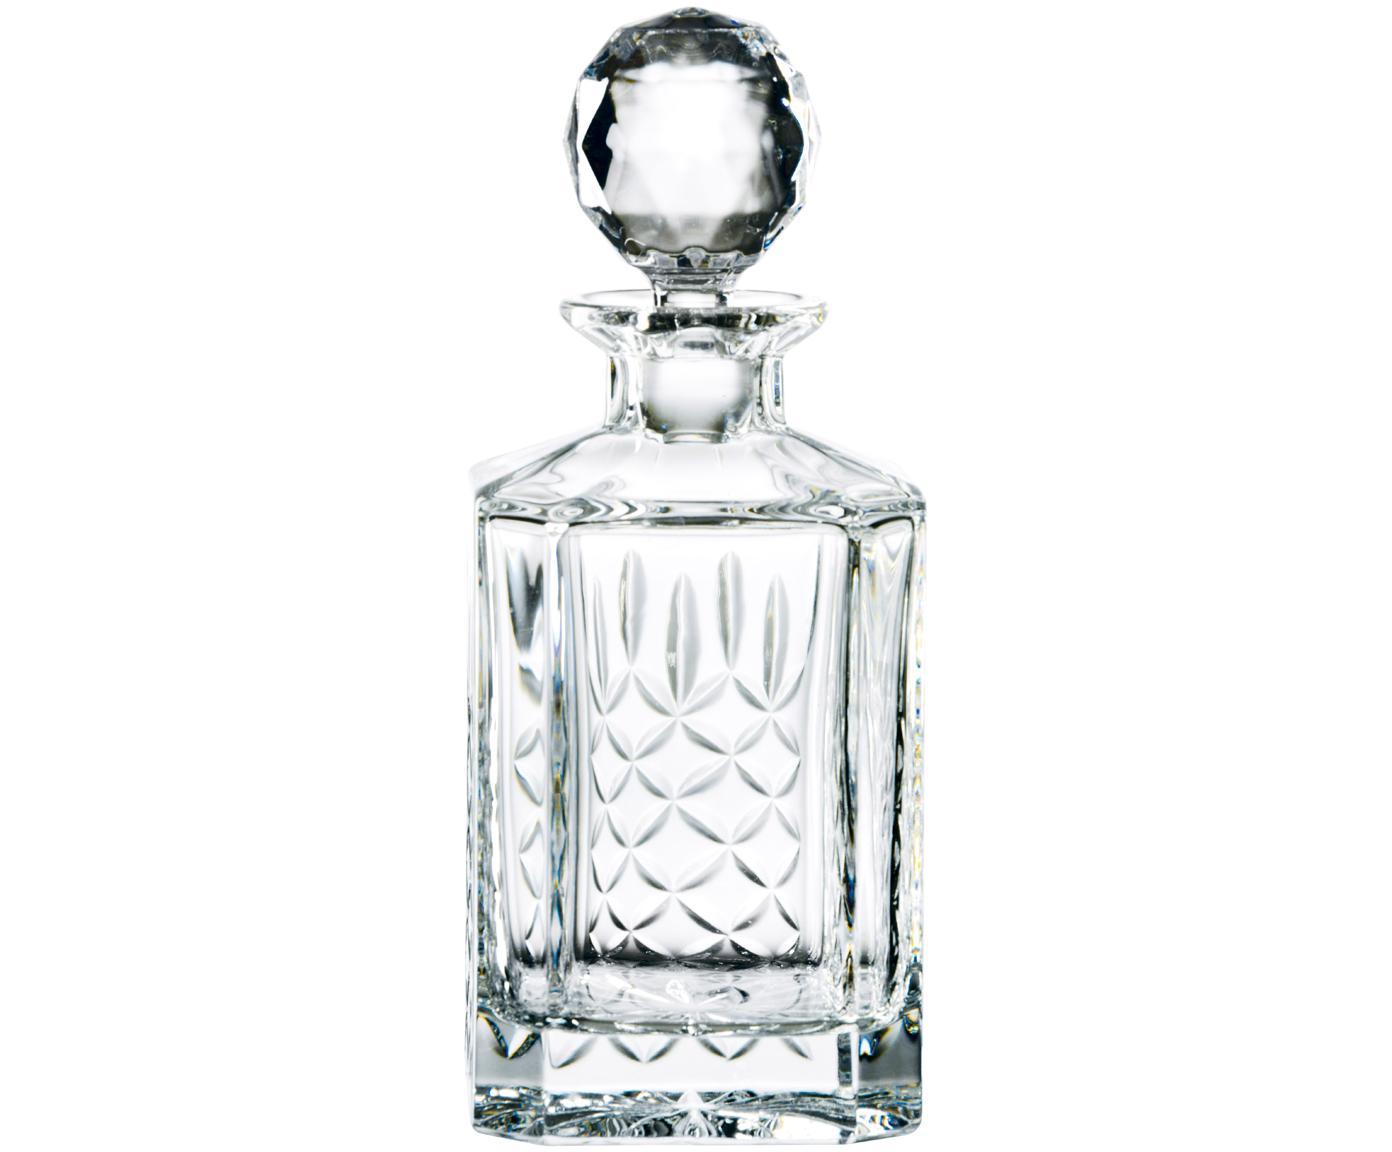 Karaffe Dorchester, Glas, Transparent, 1 L